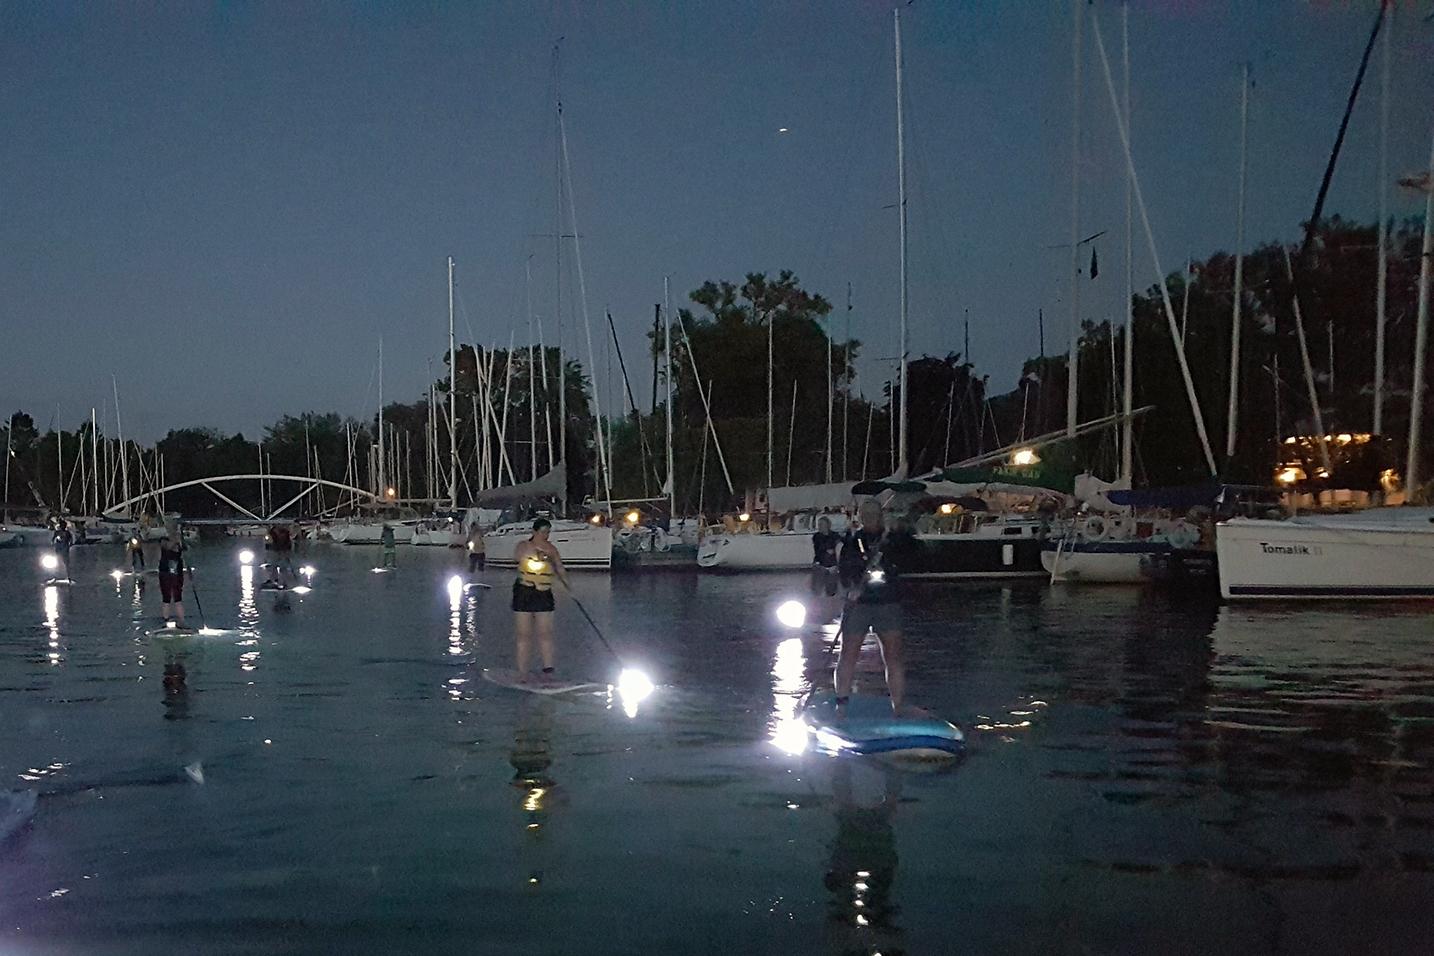 aa-Toronto-Island-Yacht-Clubs-Night-SUP